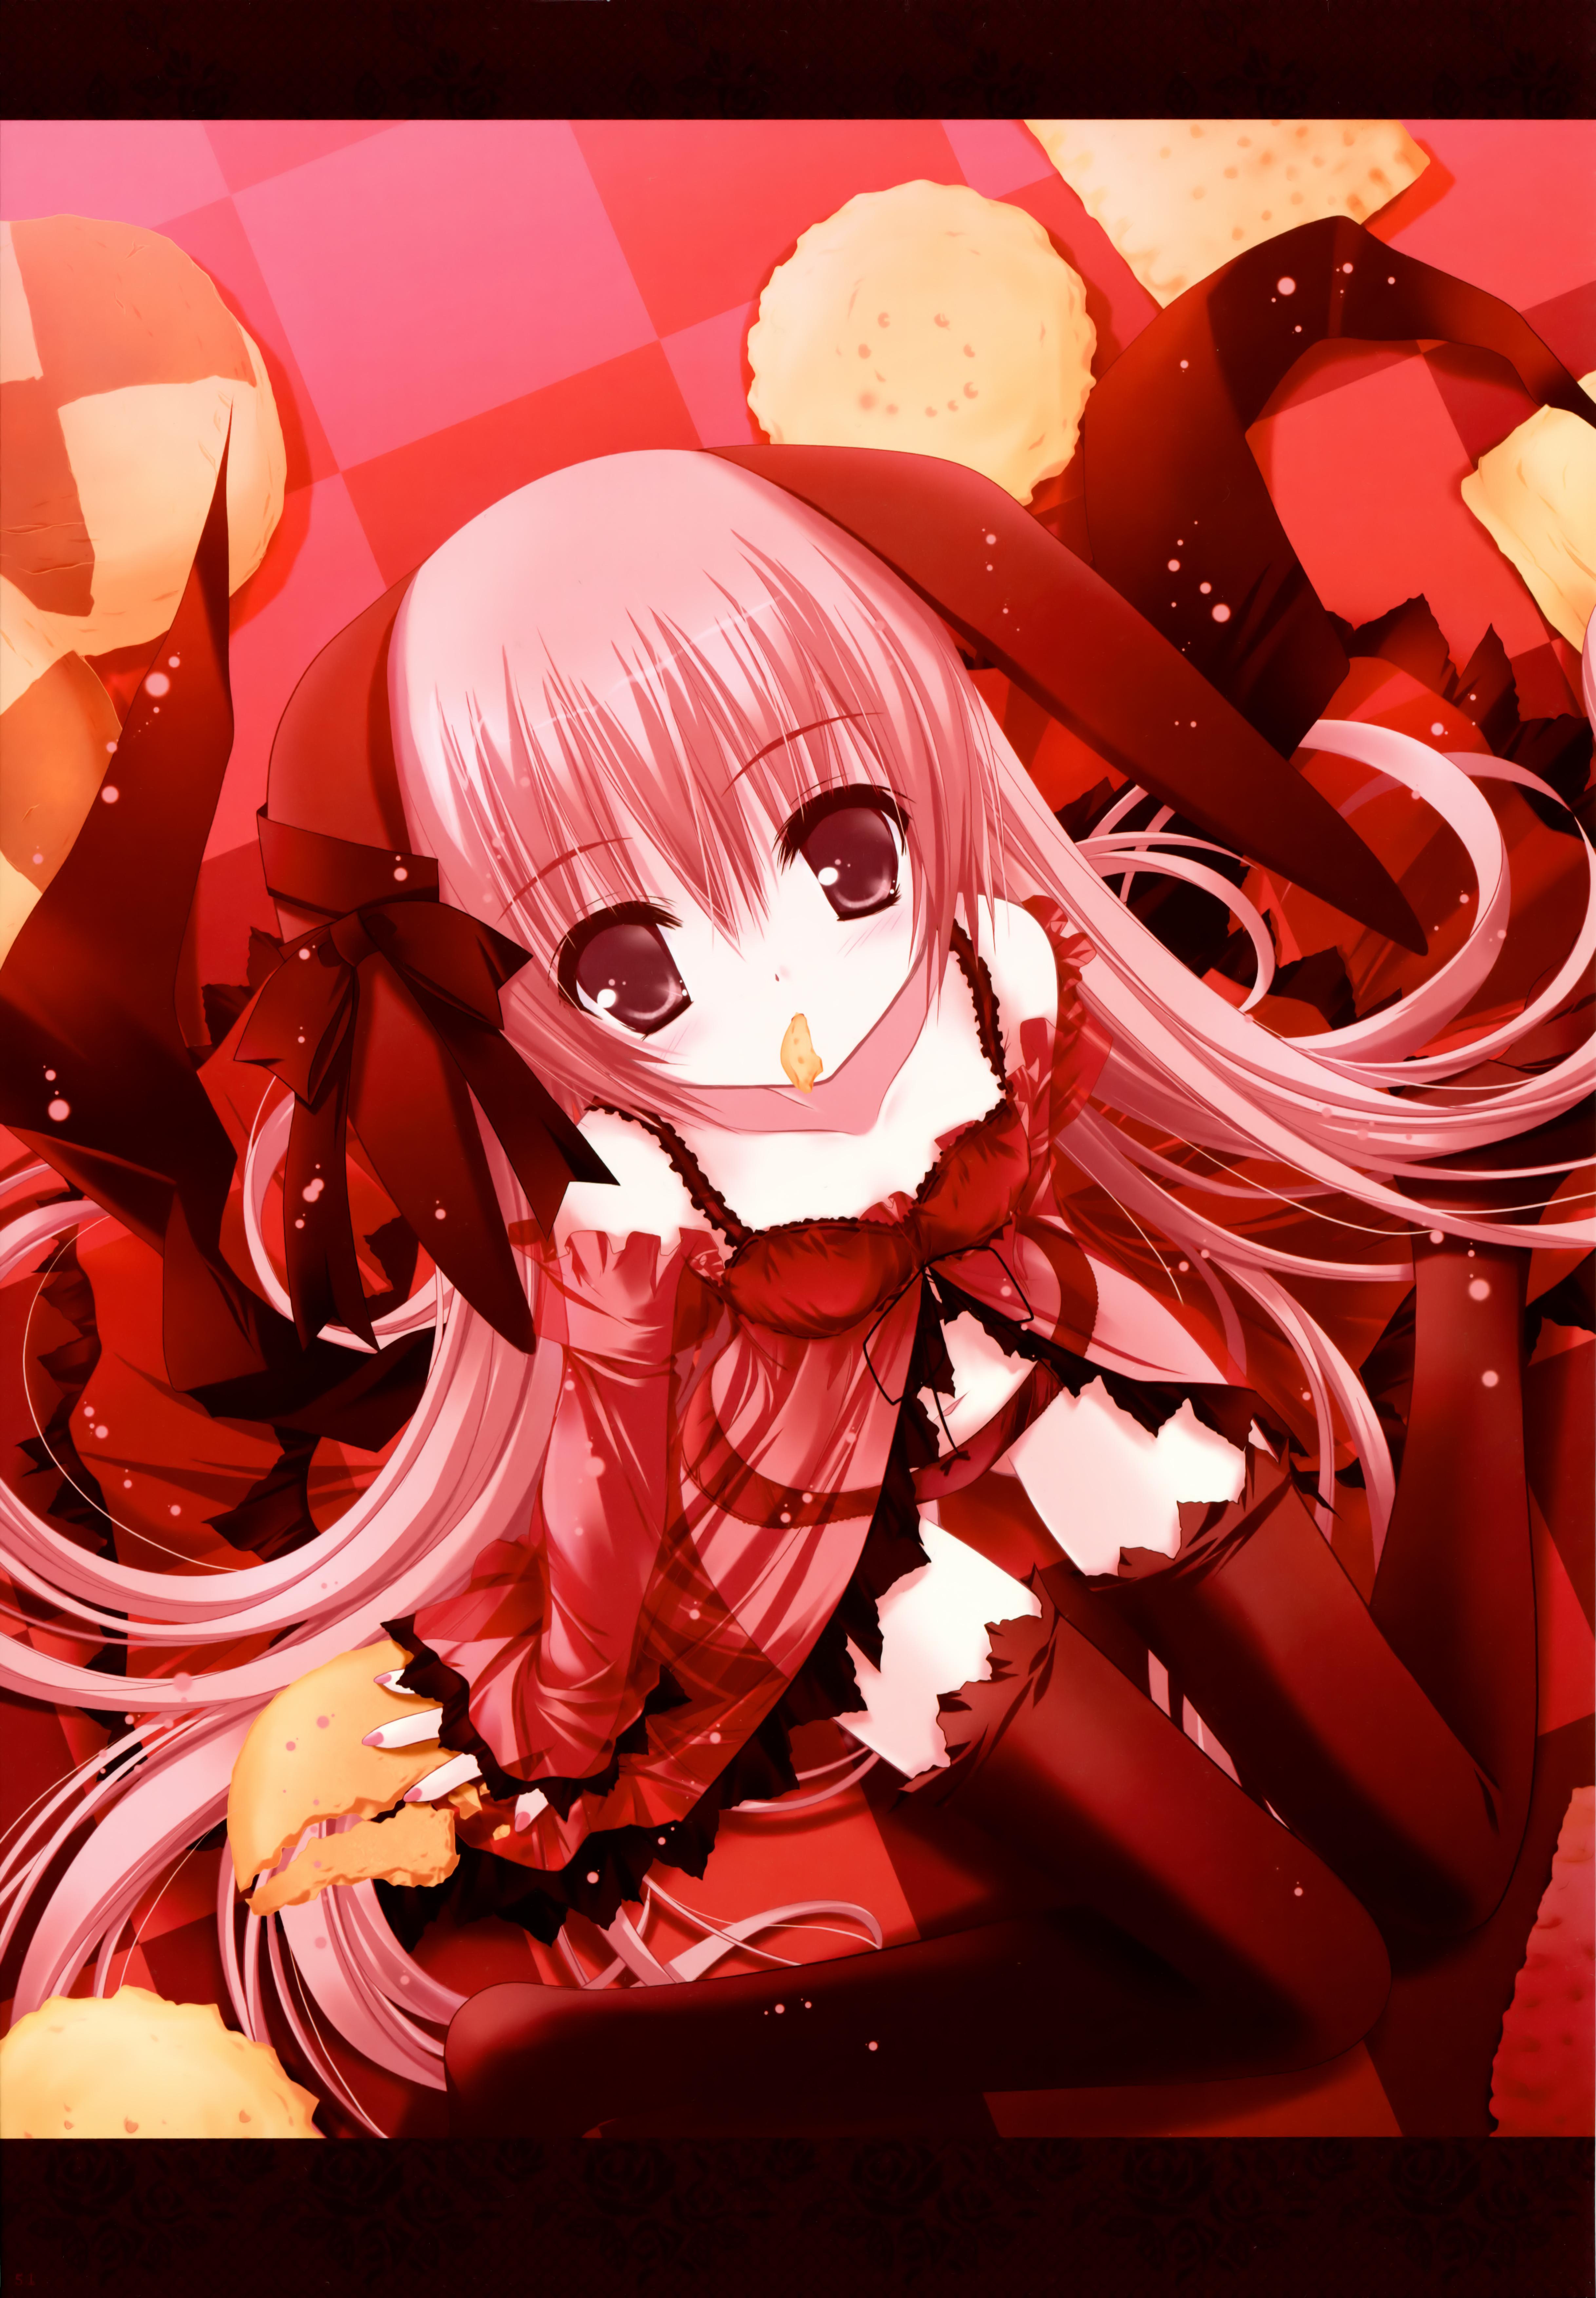 tinkerbell mobile wallpaper 1221748  zerochan anime